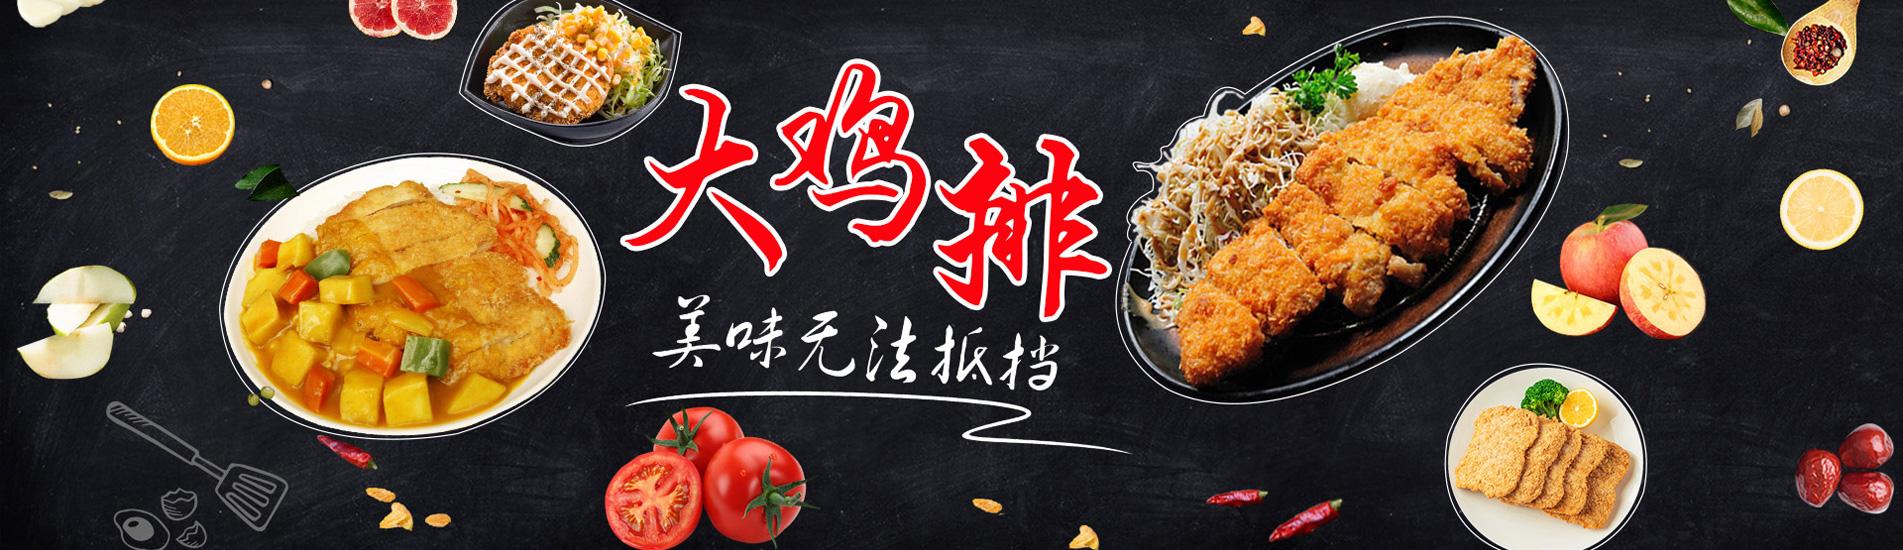 上海国强食品配料有限公司 裹浆粉 天然香辛料 食品腌制料生产 速冻米面制品 成品烤串 肉类腌制料生产